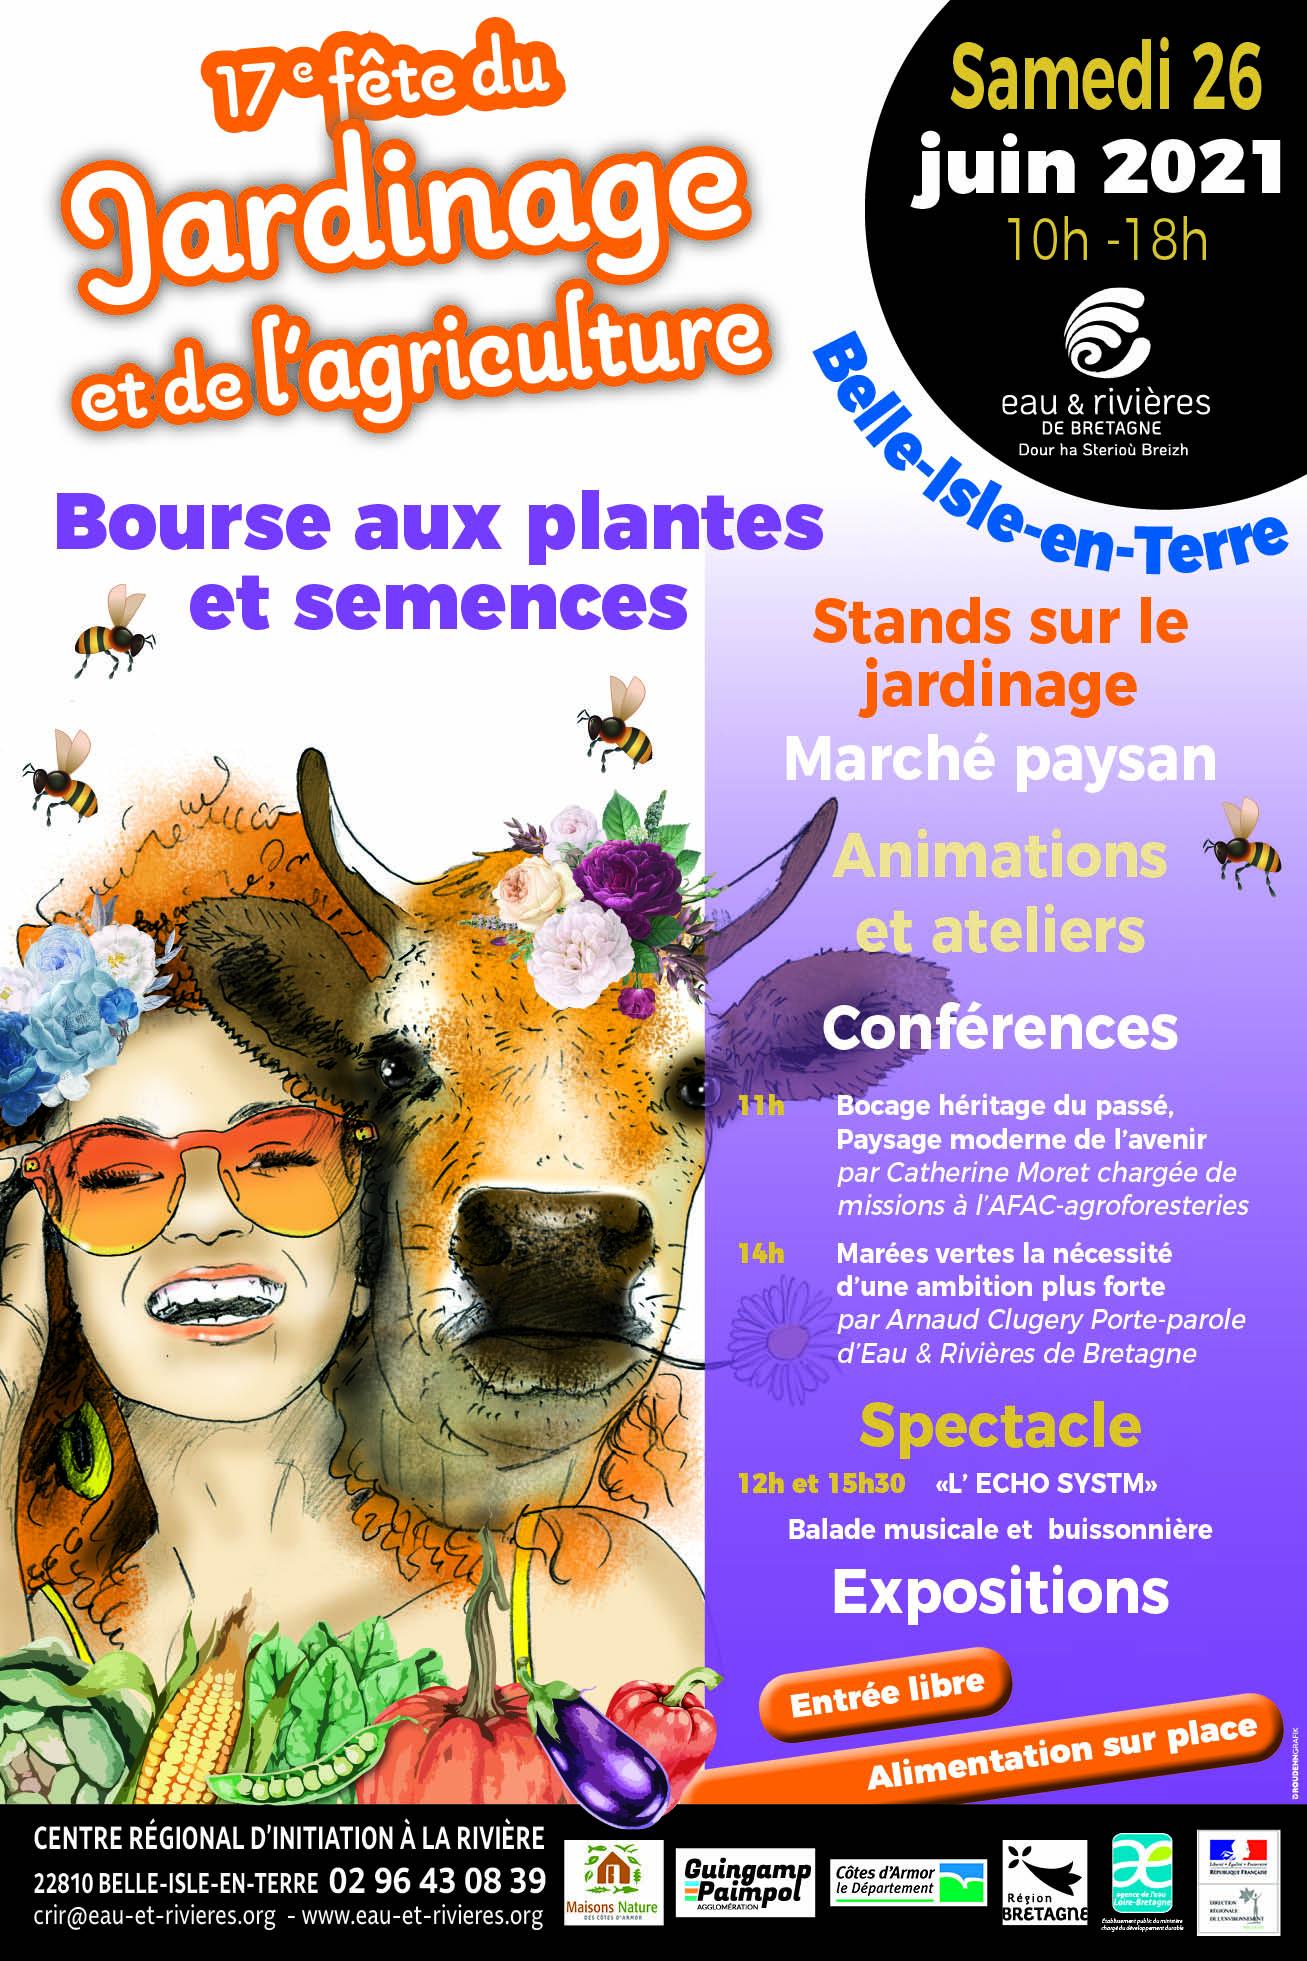 Participez à la Fête du jardinage et de l'agriculture